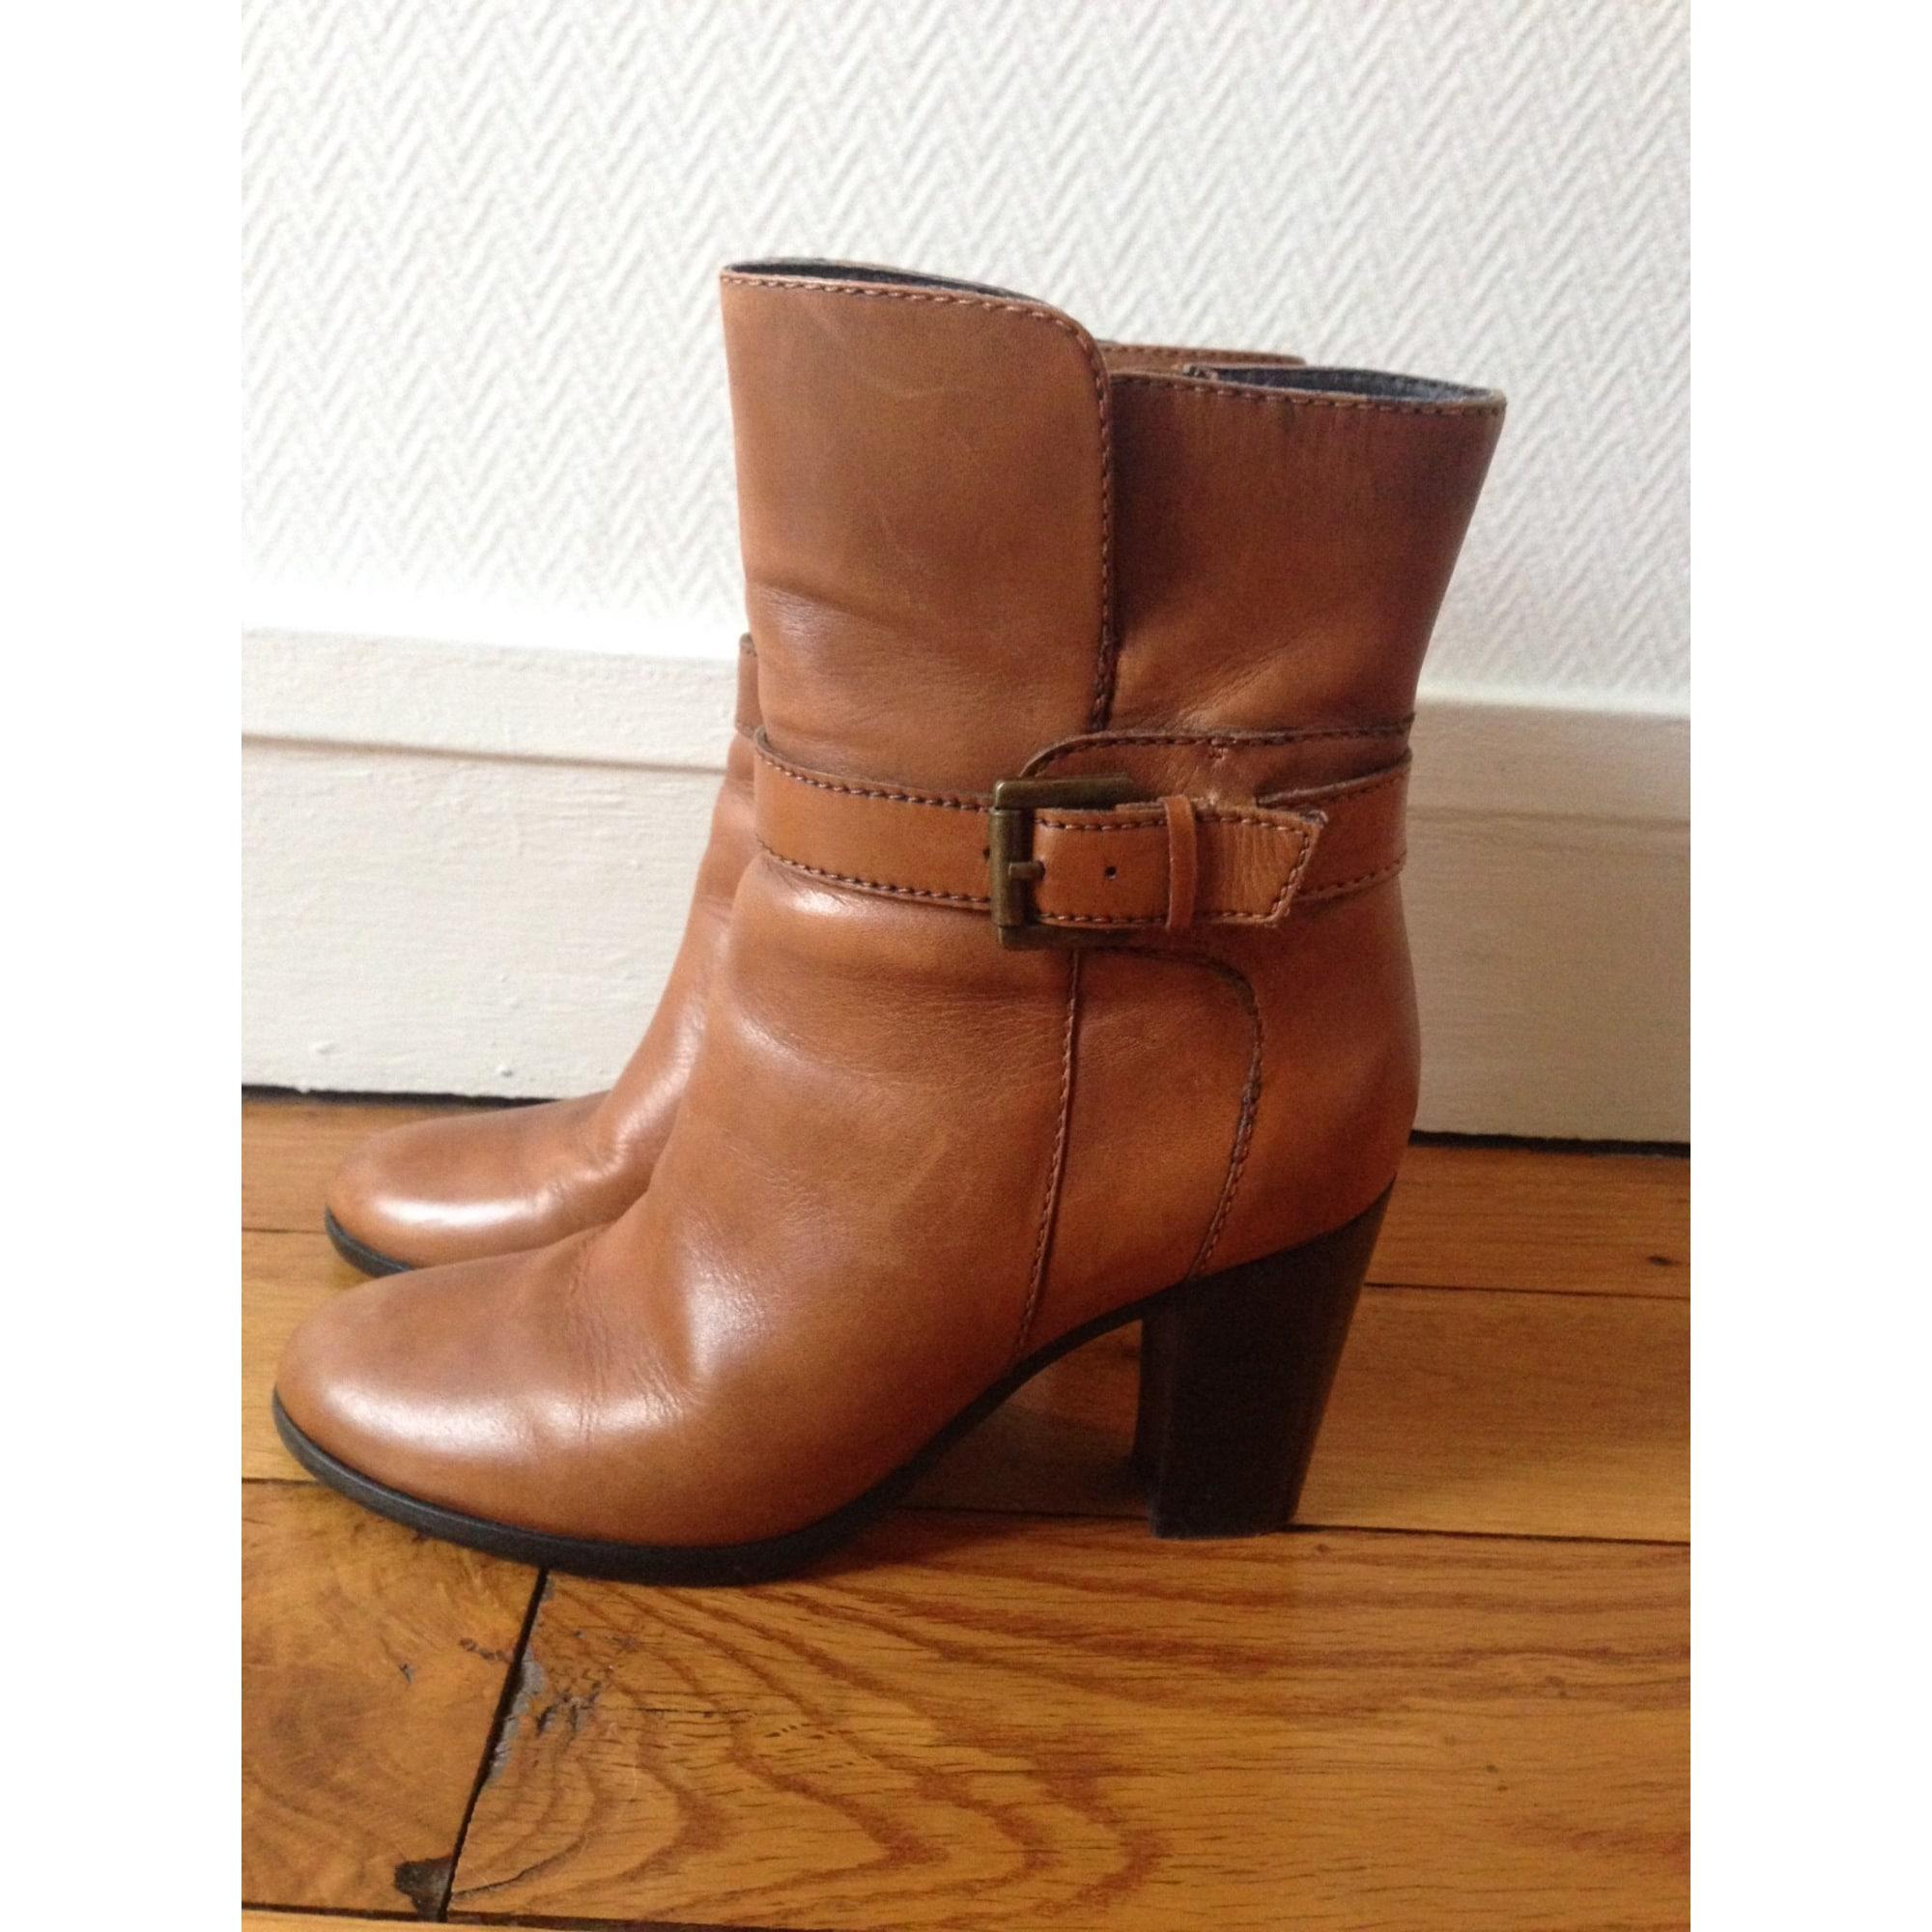 855b4ab72c5885 Bottines & low boots à talons SOMEWHERE 36 marron vendu par Linh ...